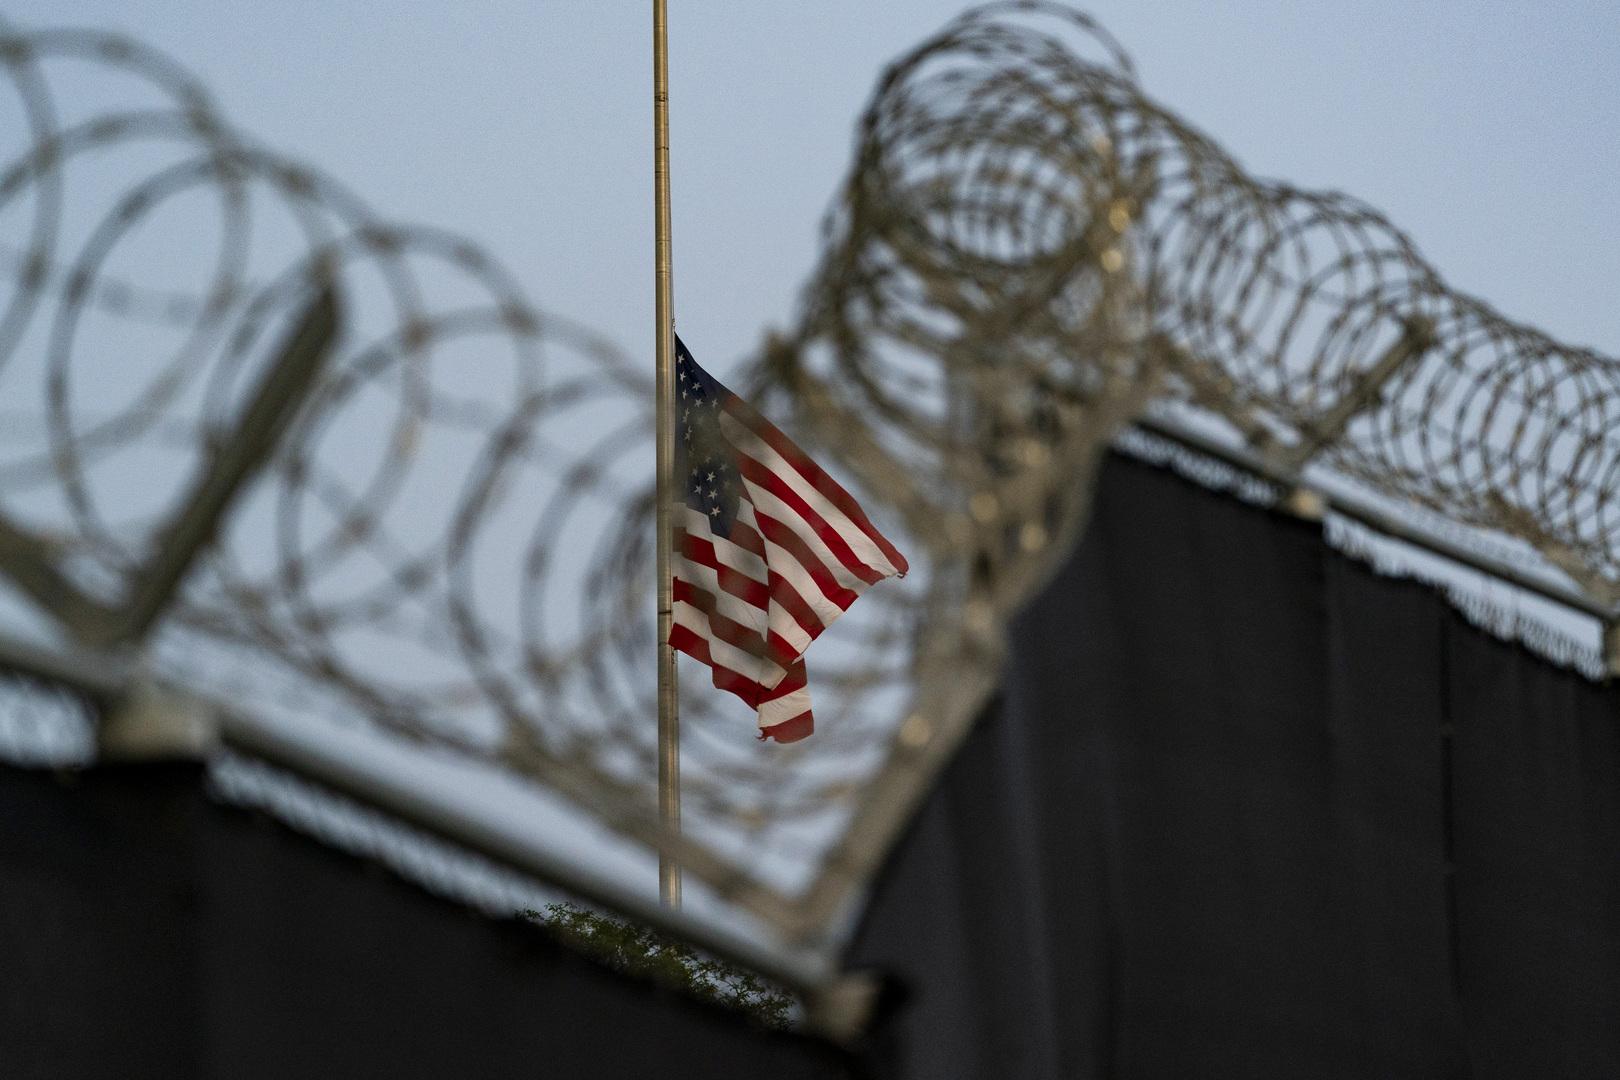 إغلاق قاعدة للبحرية الأمريكية في ماريلند بسبب تهديد بوقوع تفجير